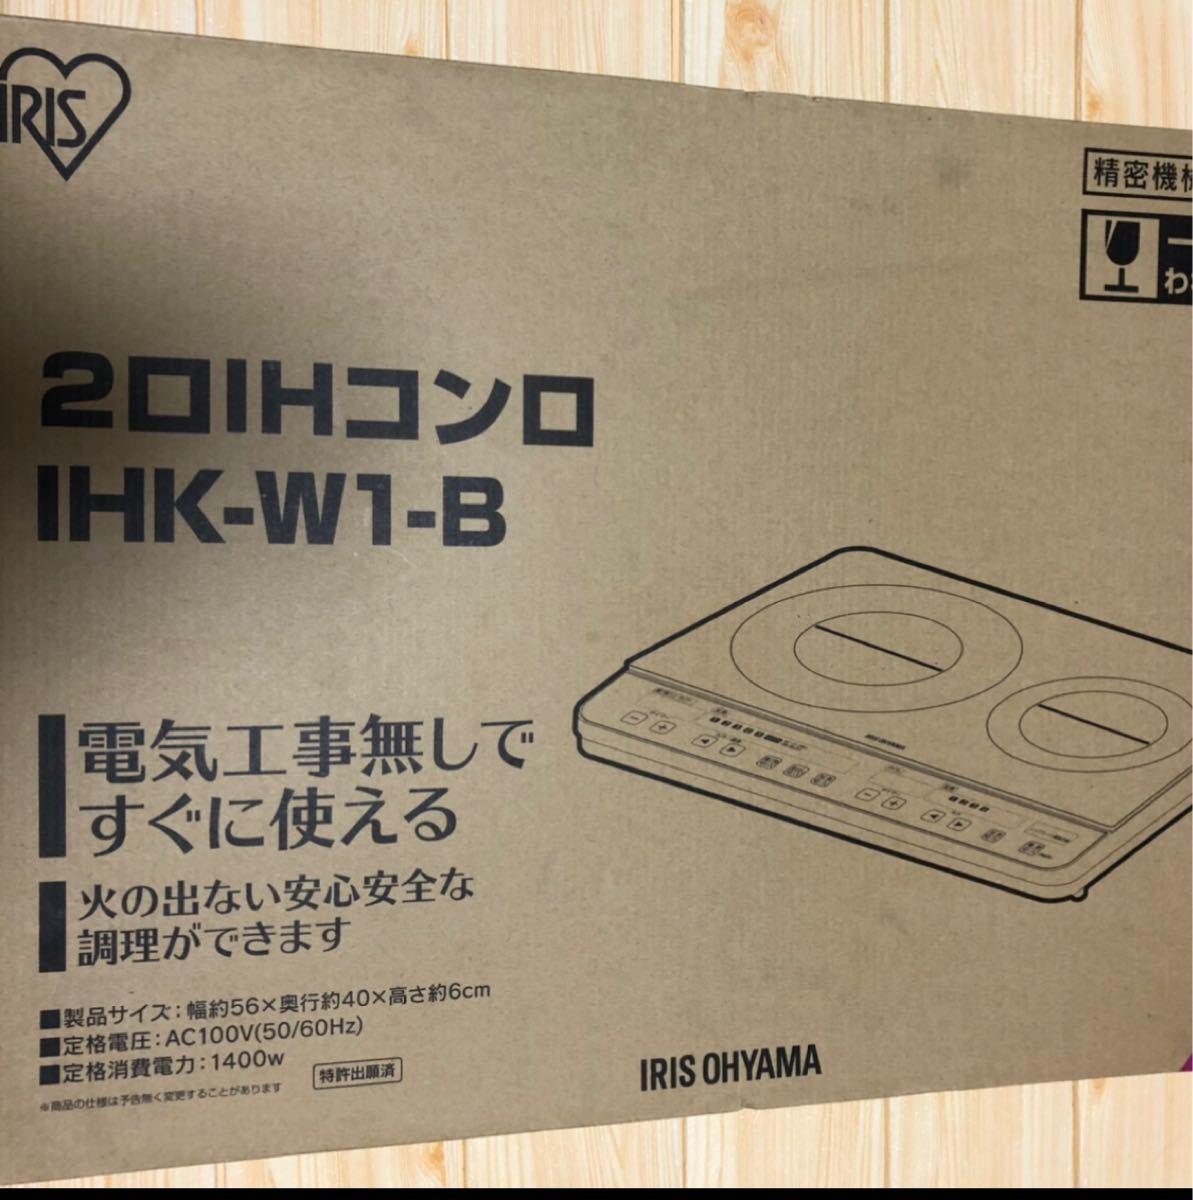 アイリスオーヤマ IHコンロ IHK-W1-B 2口IHクッキングヒーター